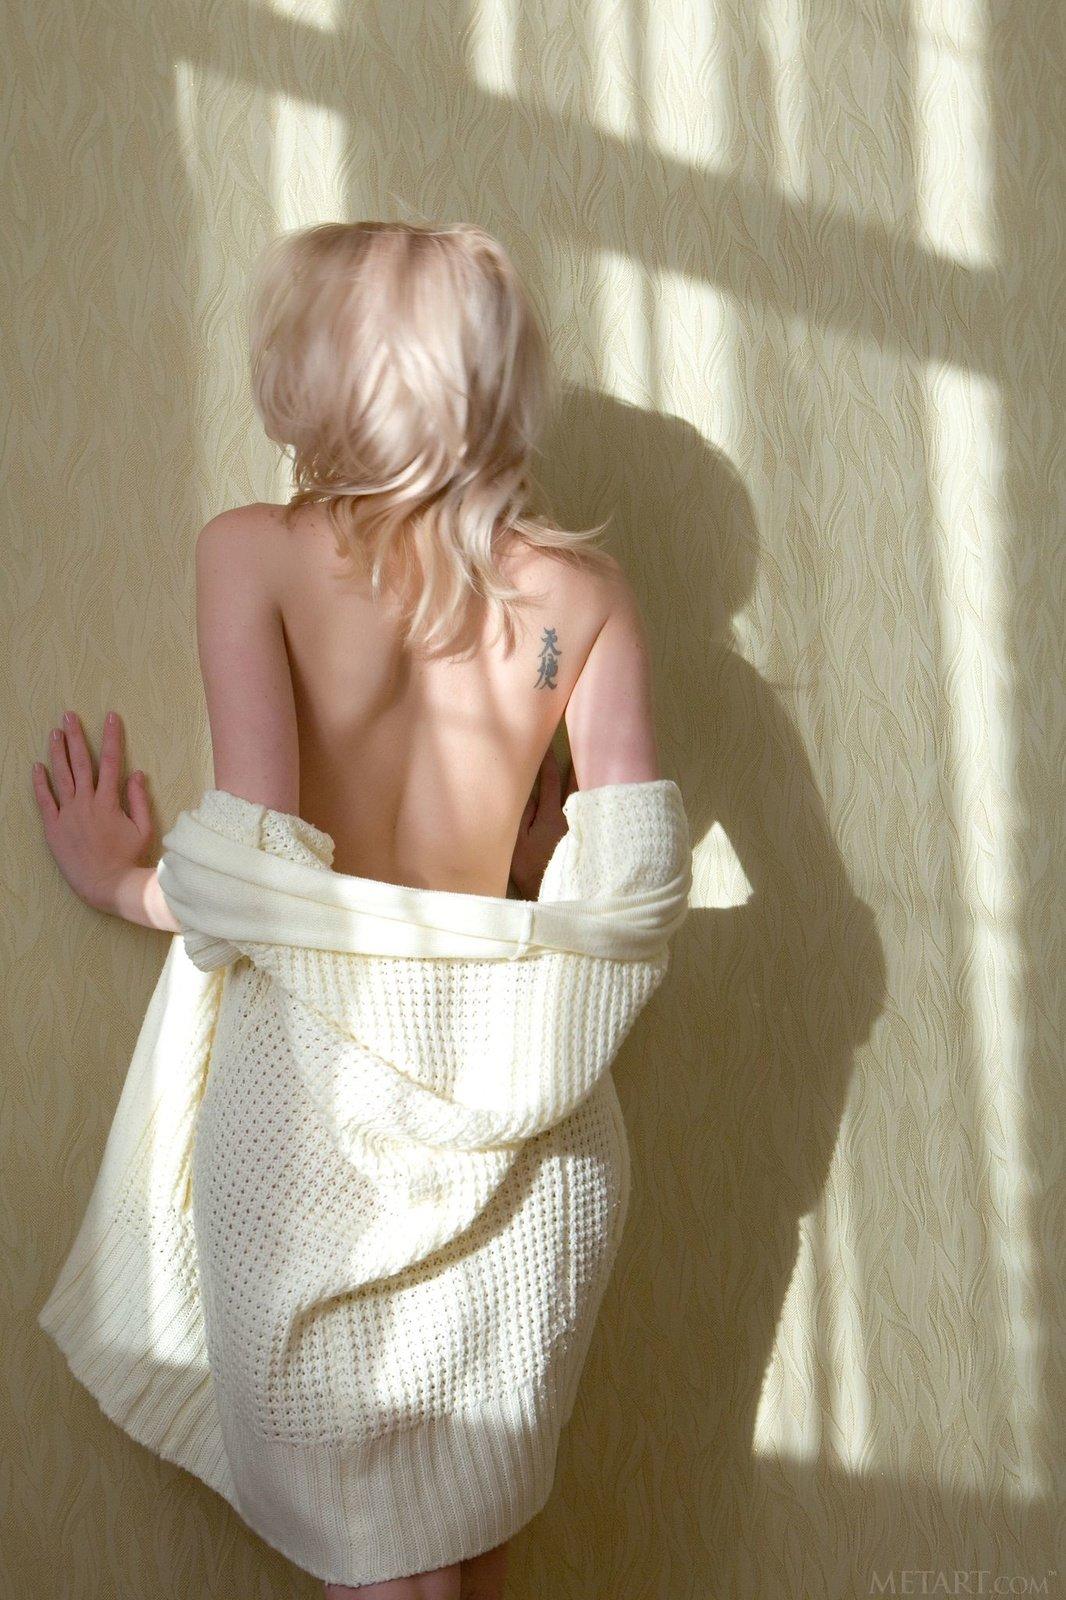 Zdjęcie porno - 0610 - Słodka buźka młodej laseczki